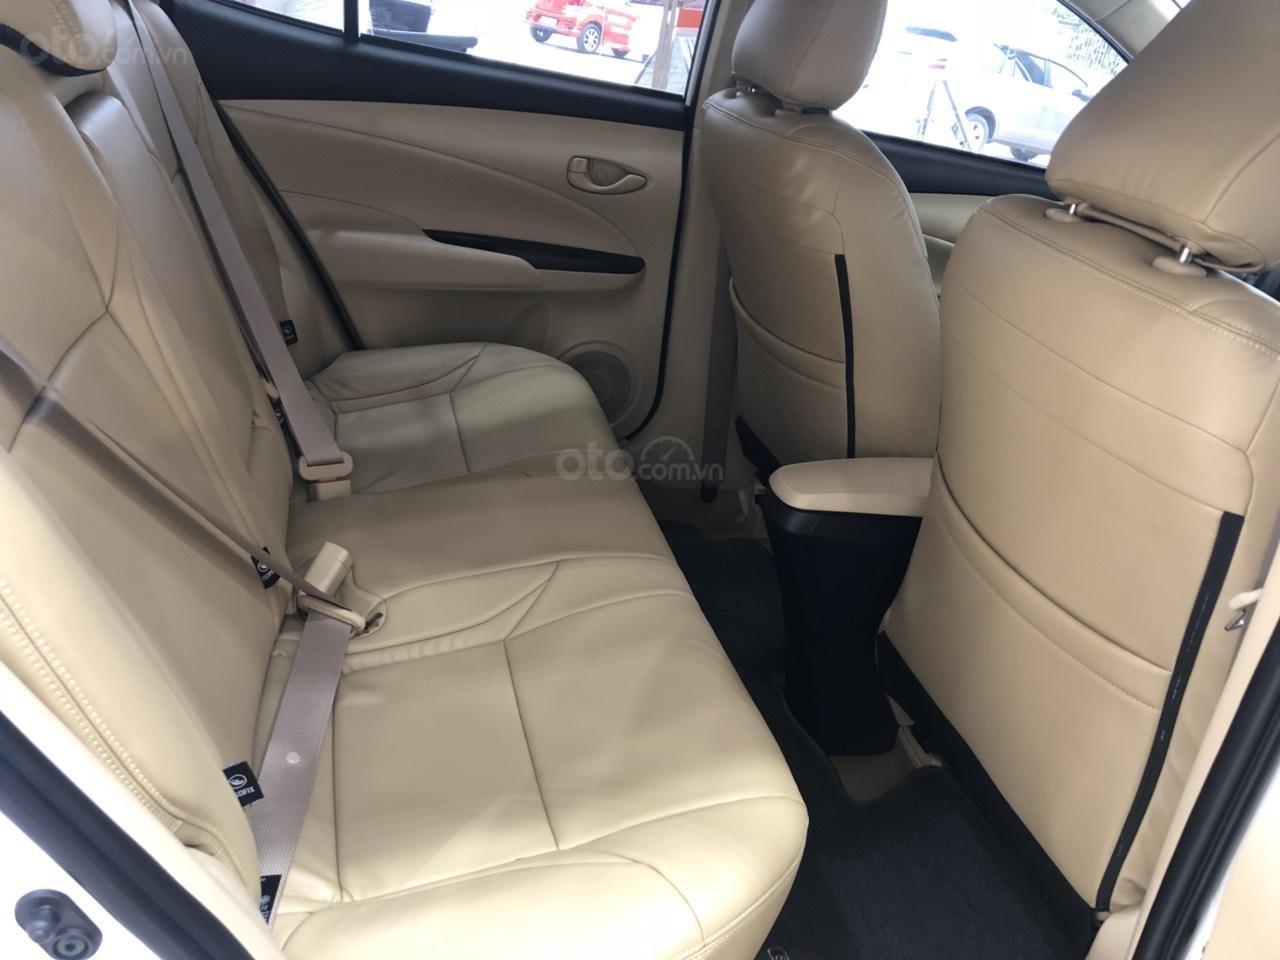 Bán Toyota Vios 1.5E CVT 2020 - bán trả góp - trả 130tr nhận ngay xe (5)